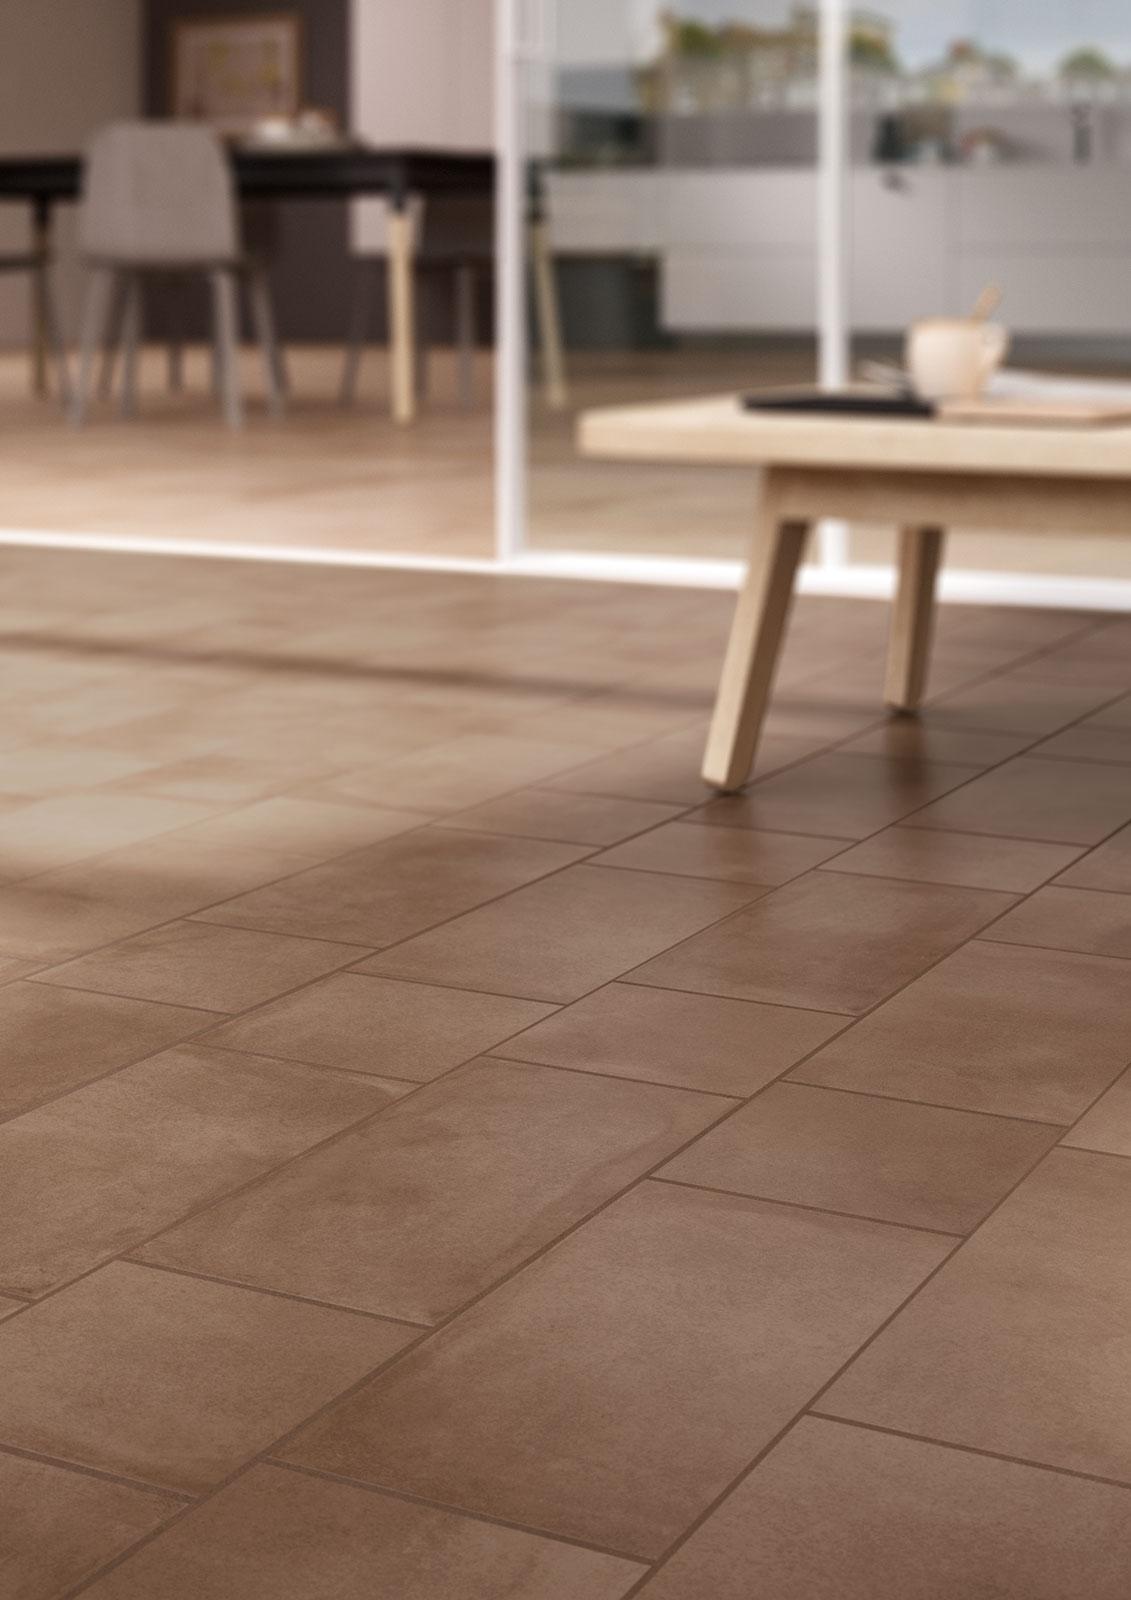 Pavimenti per esterni piastrelle gres porcellanato marazzi for Marazzi cotto antico